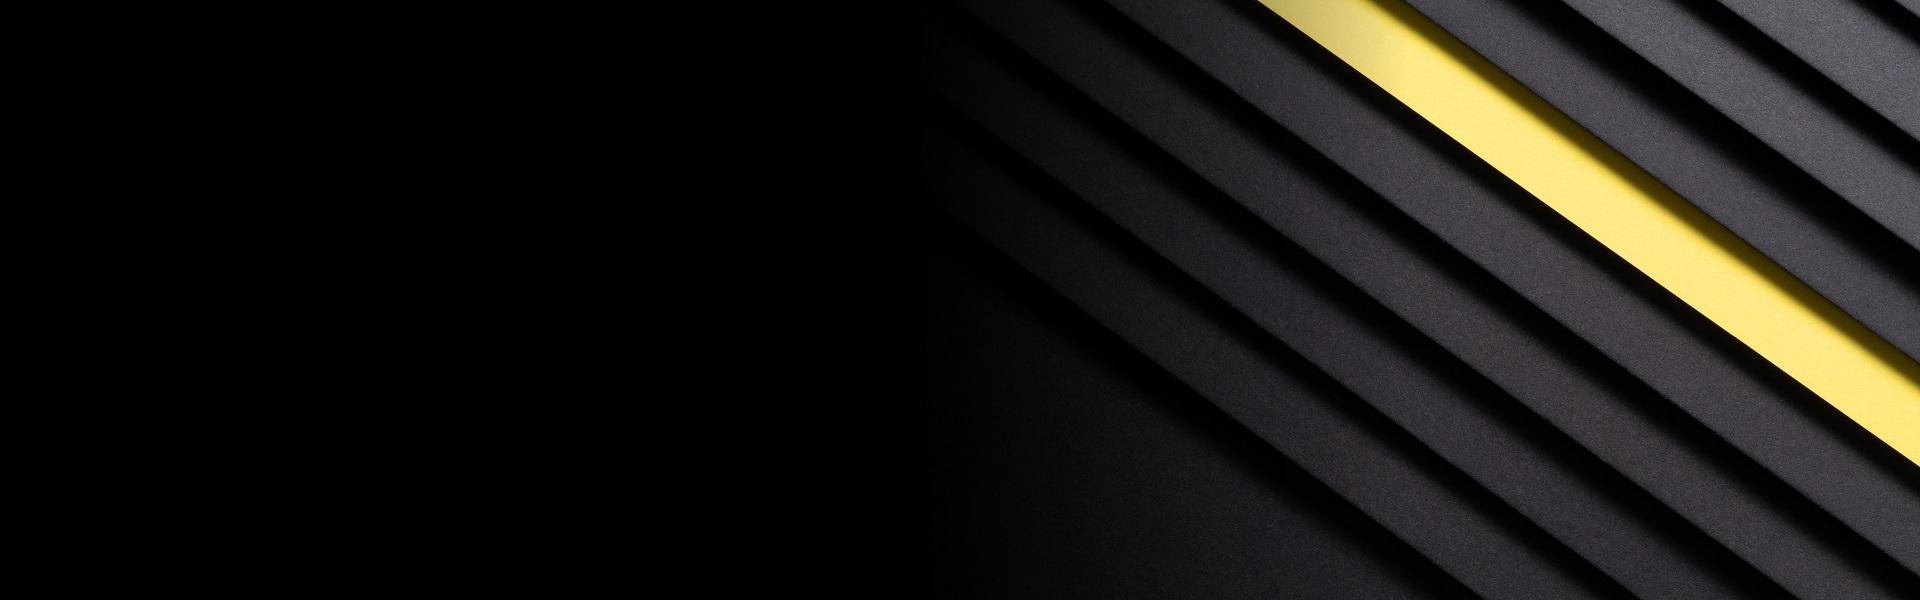 Abstrakt bild. Guldlinjer över en svart bakgrund